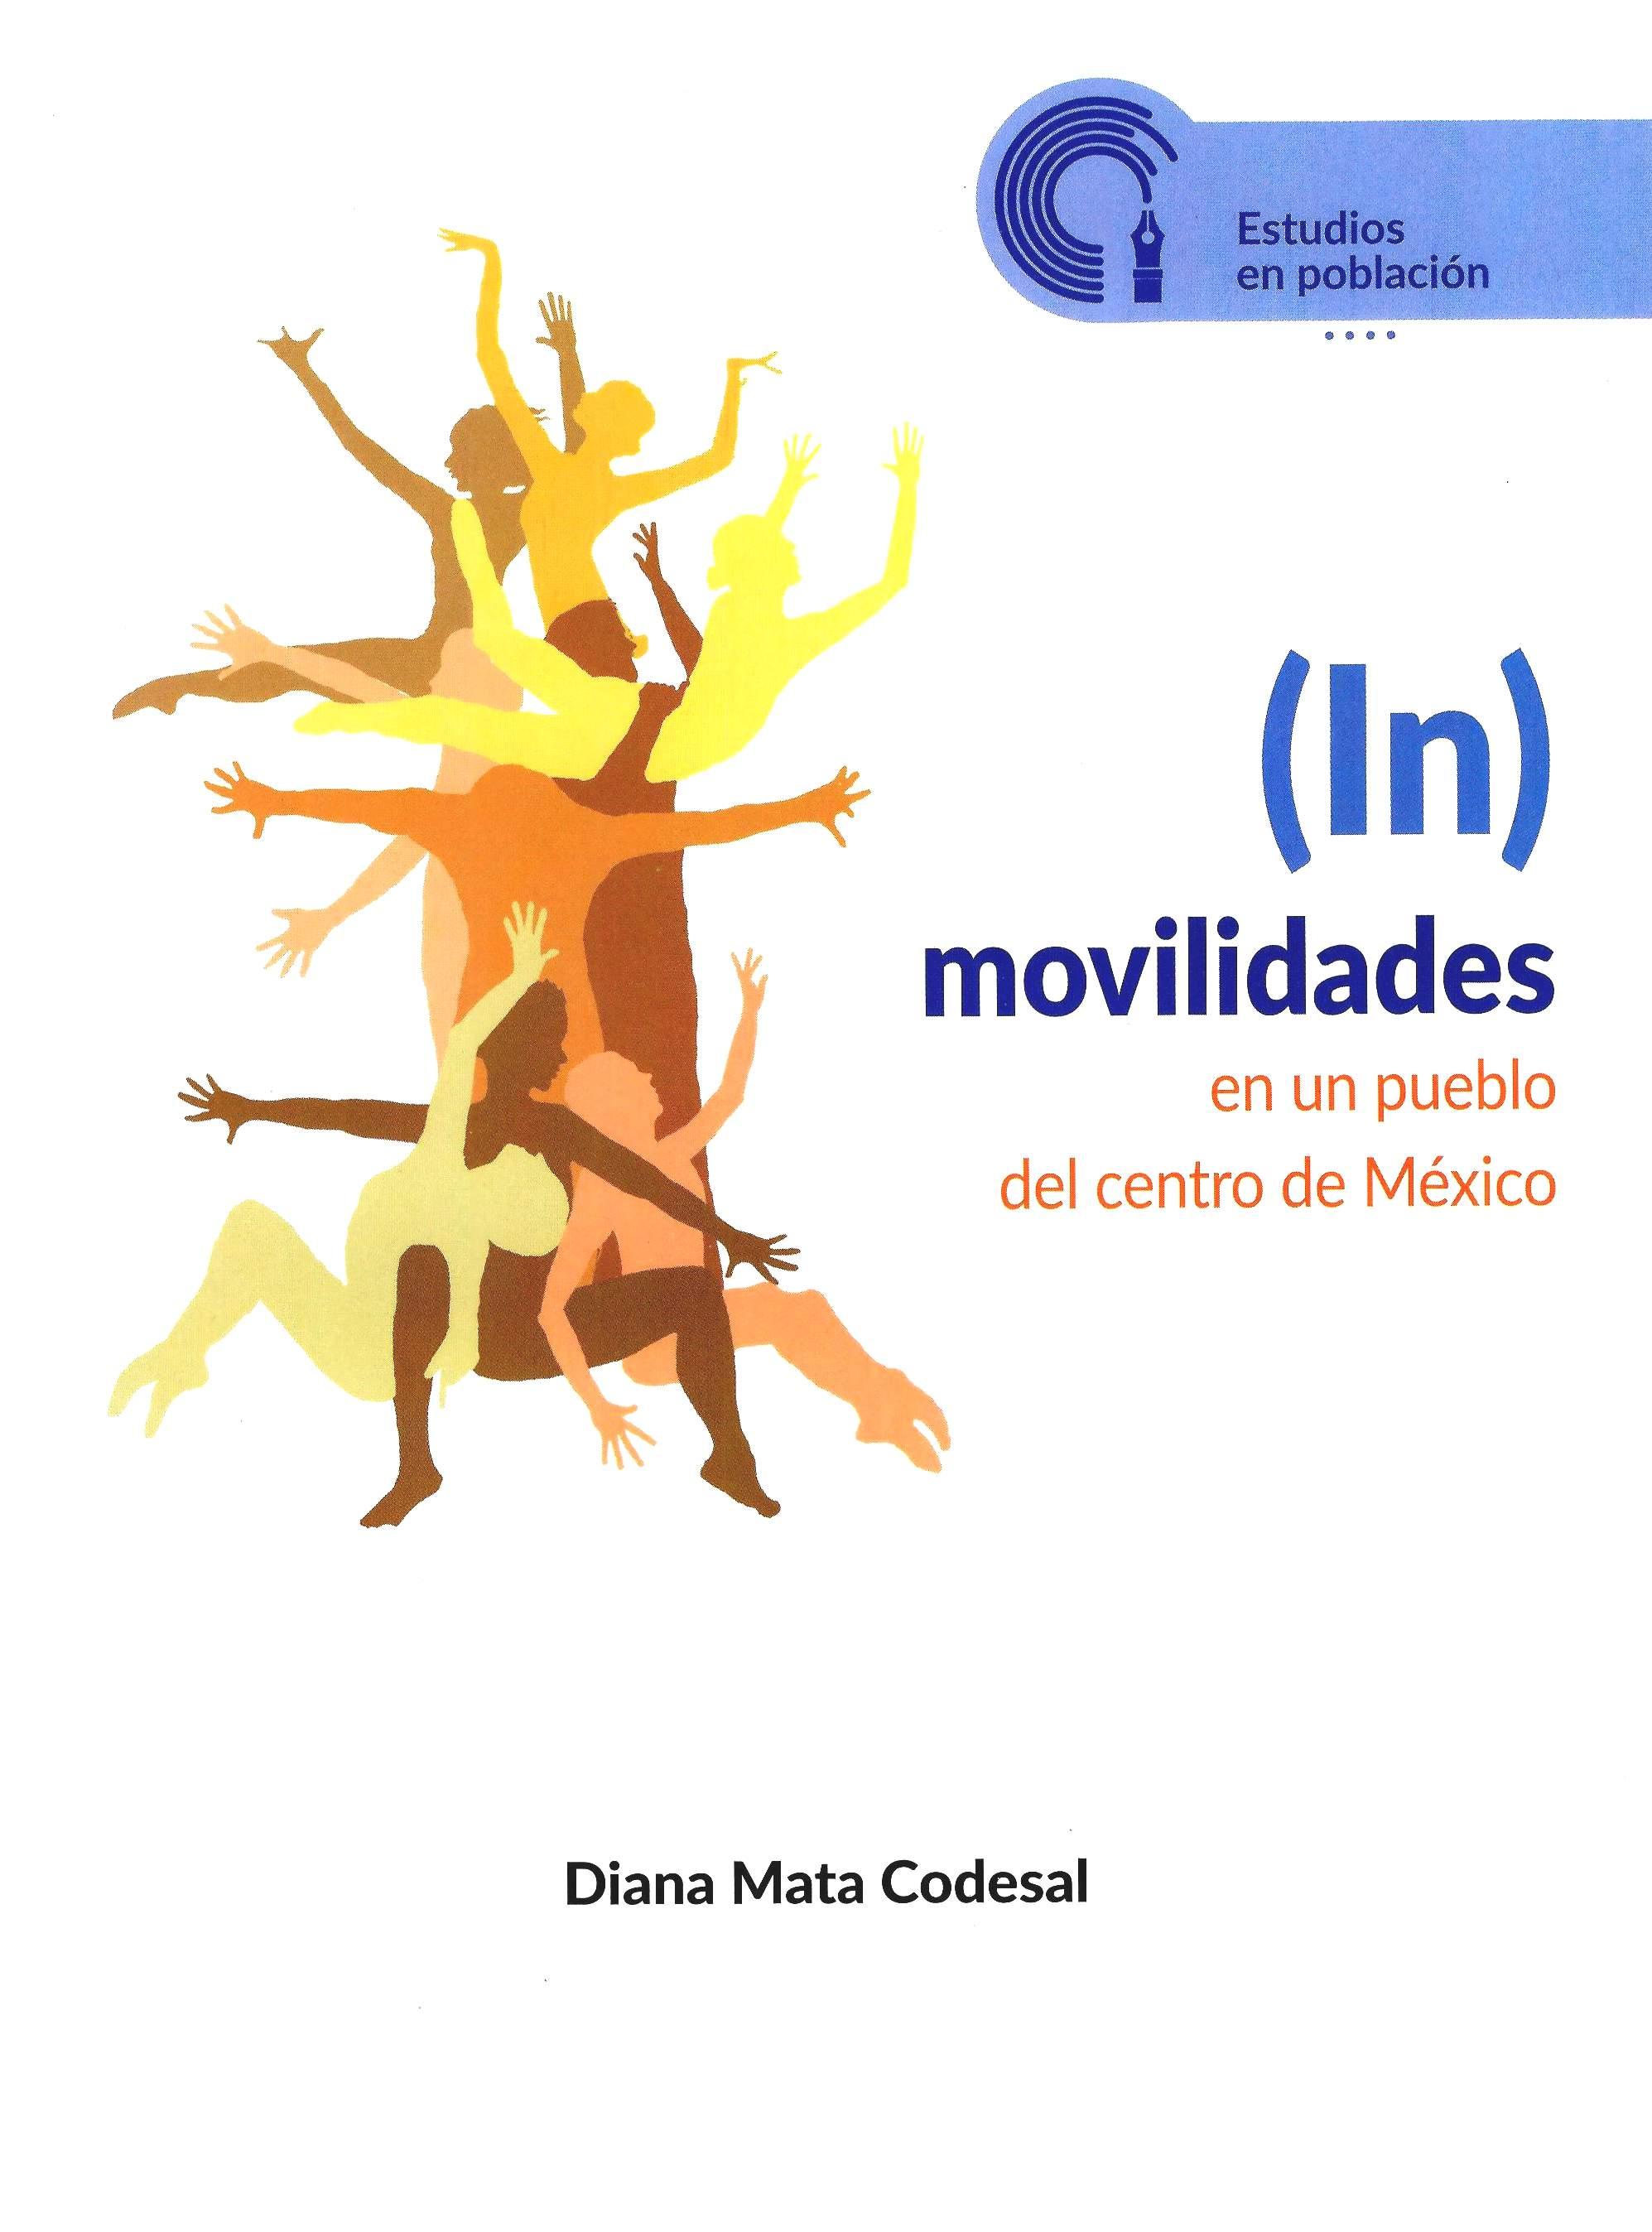 (In) movilidades en un pueblo del centro de México